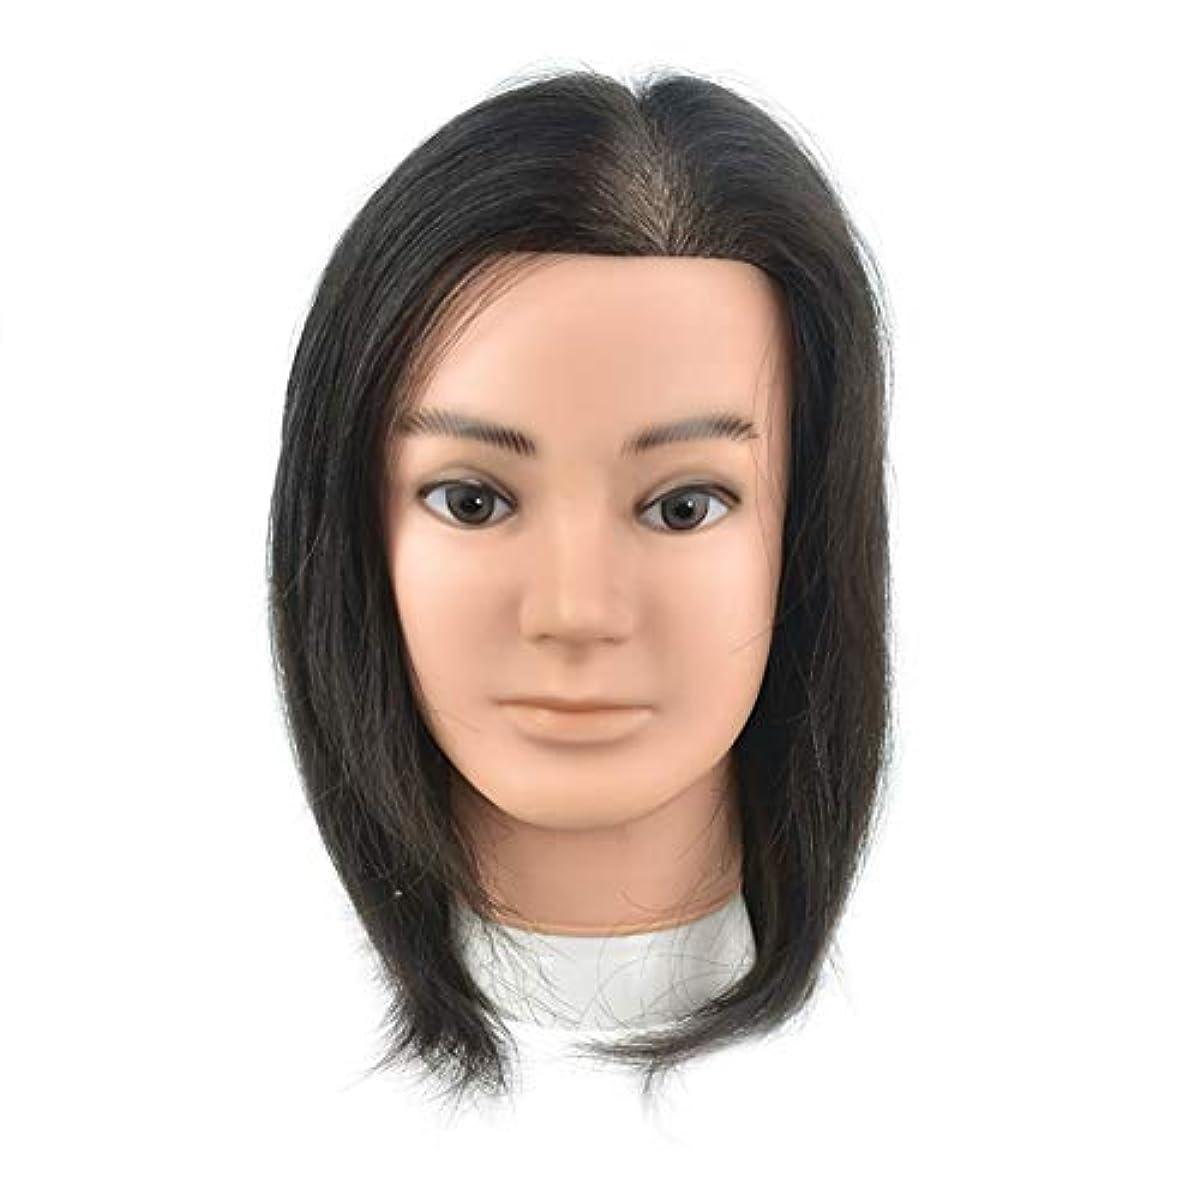 火山学者スロベニアサイバースペースリアルヘアスタイリングマネキンヘッド女性ヘッドモデル教育ヘッド理髪店編組ヘア染色学習ダミーヘッド